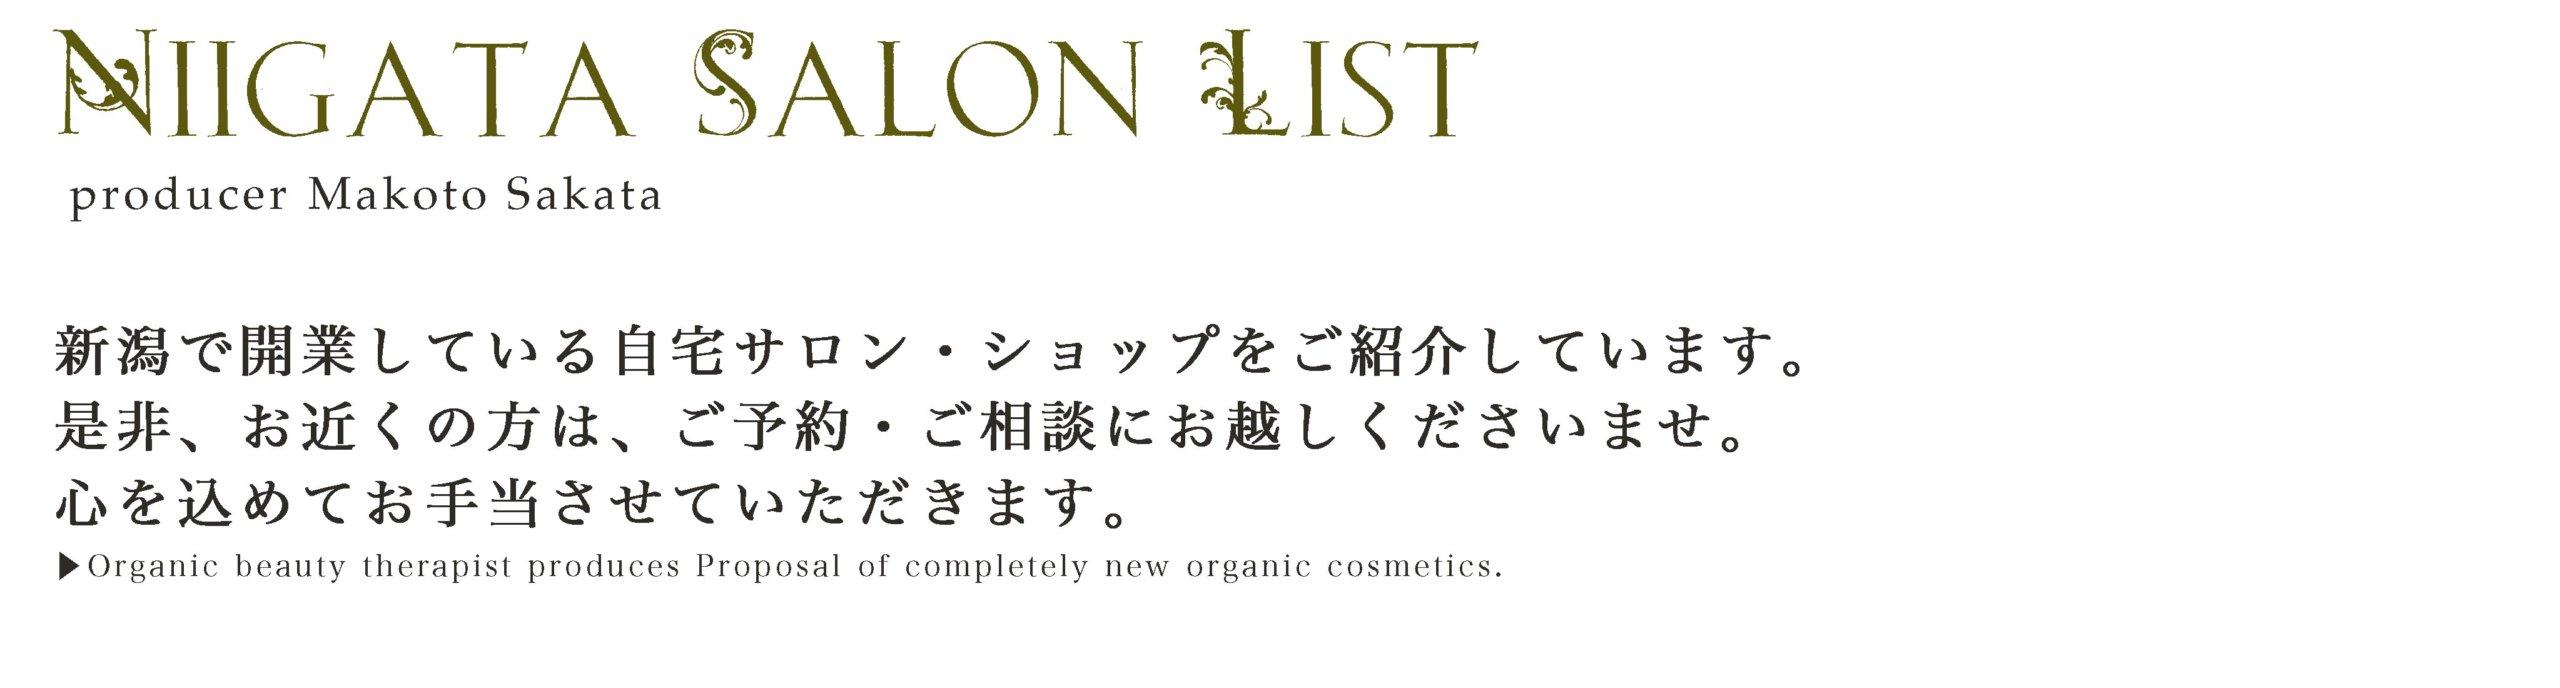 Niigata Salon List